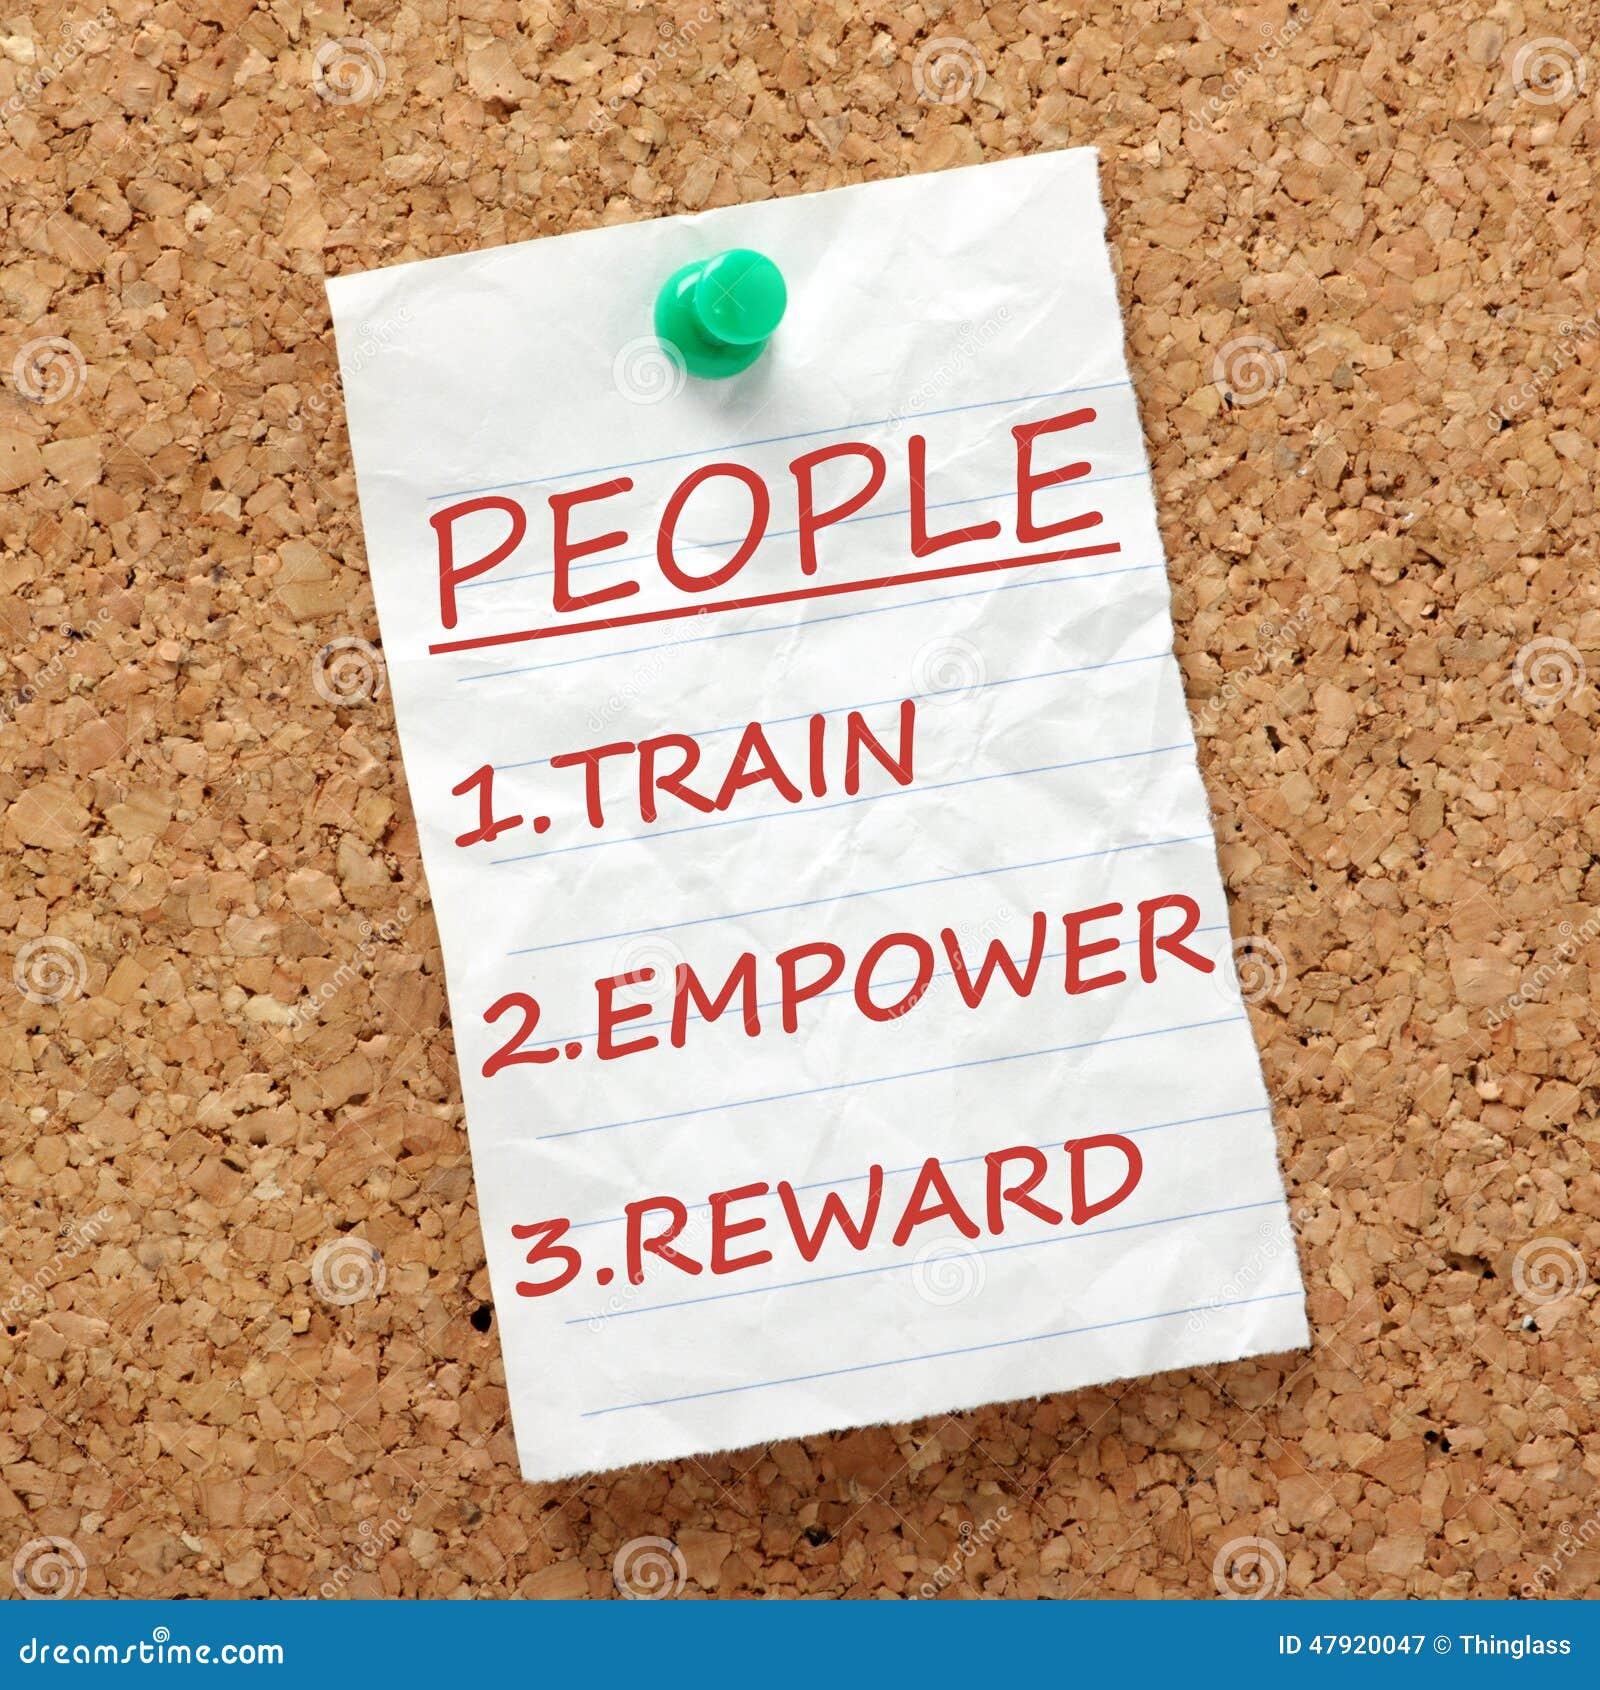 Train, Empower and Reward